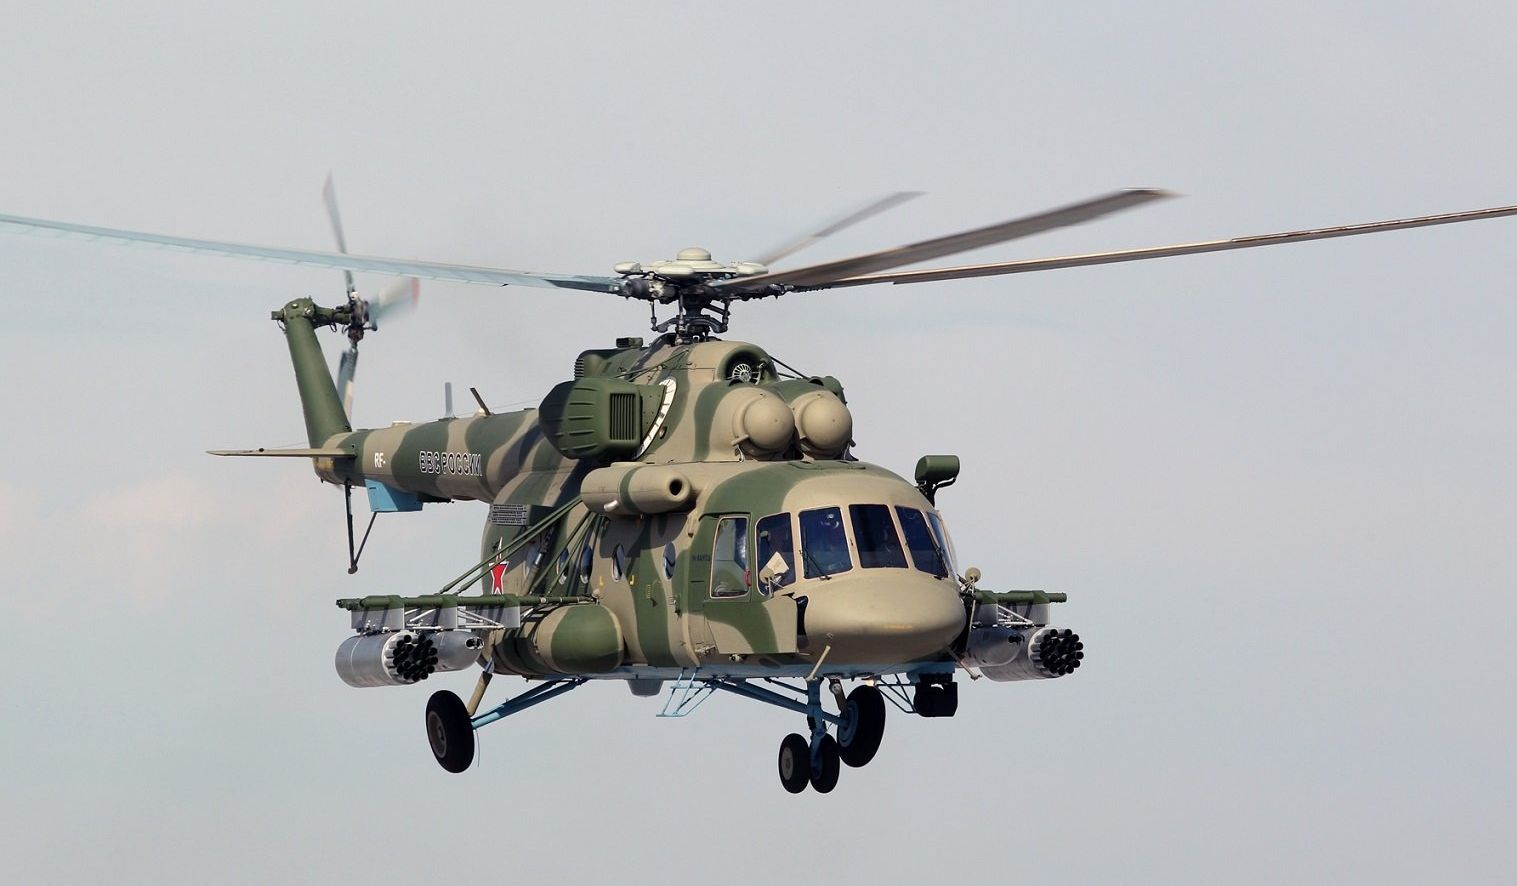 Праздник продолжается. На границе Чечни и Грузии упал вертолет ФСБ Ми-8